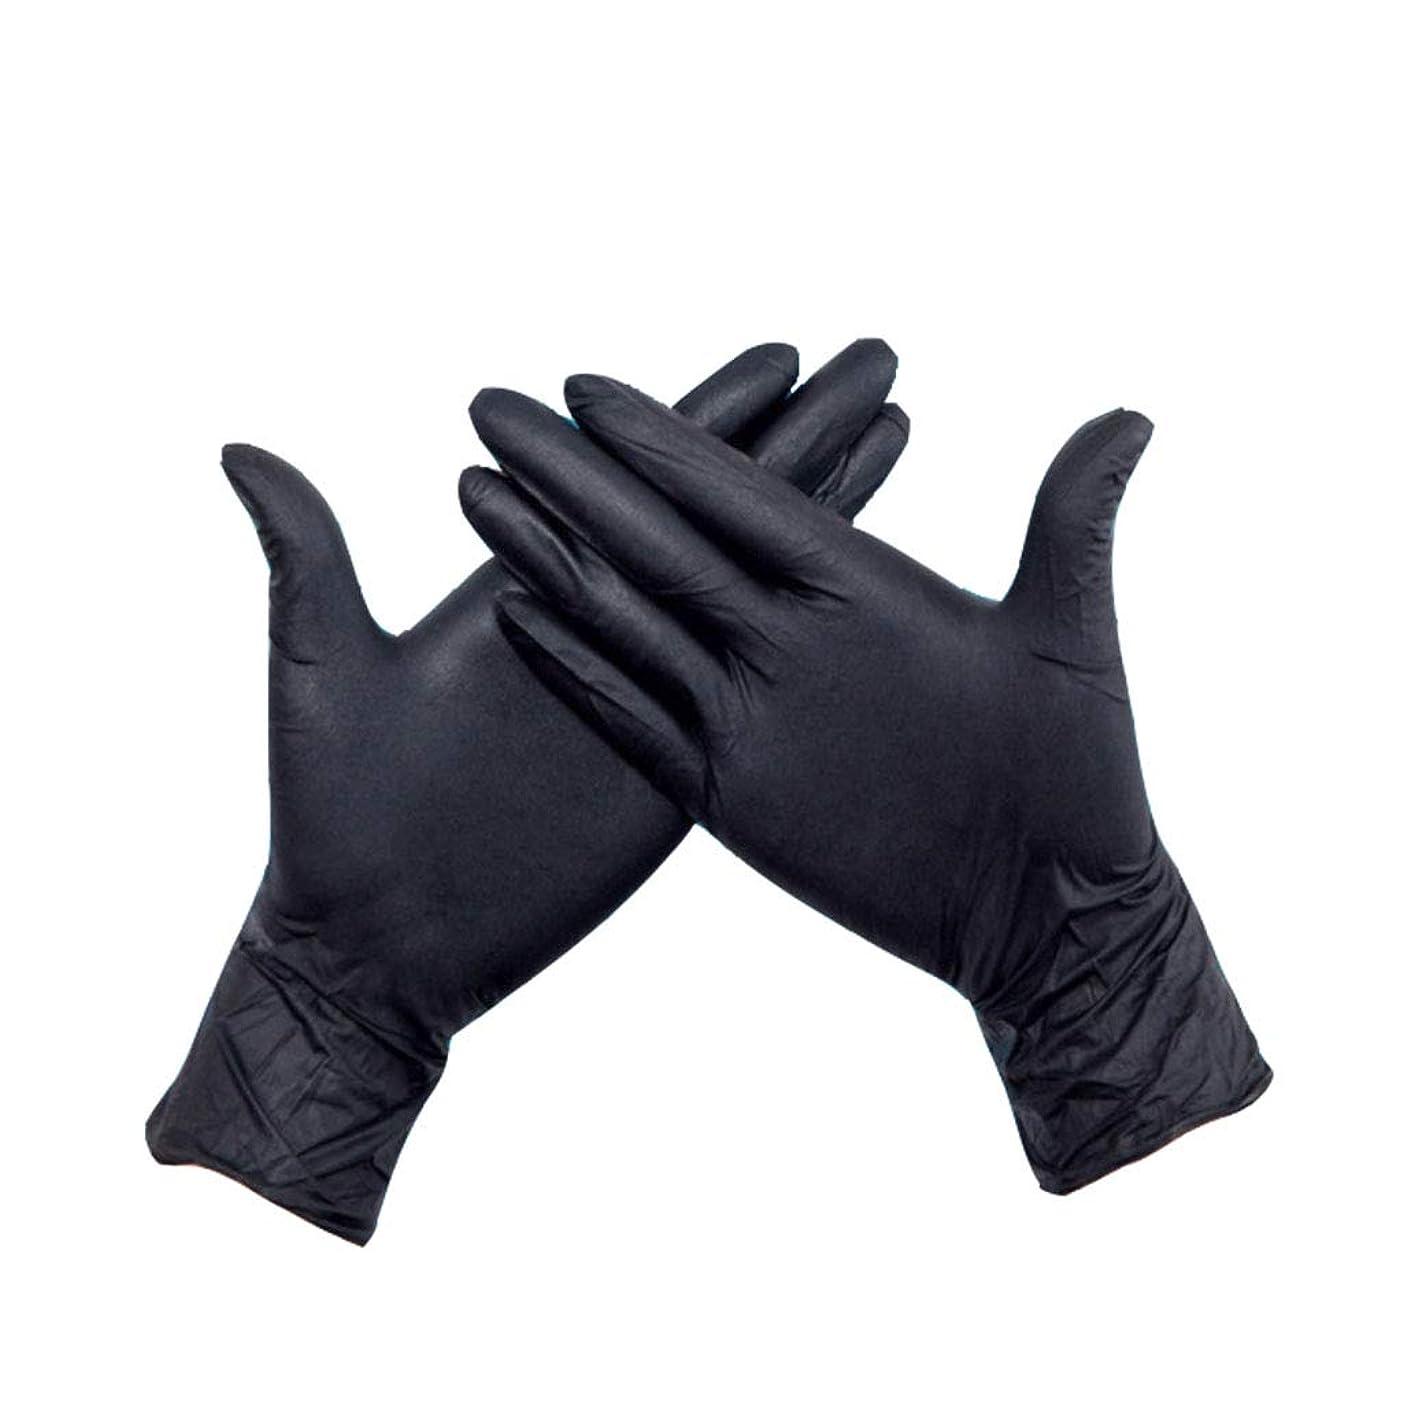 軍隊病的癒す手袋黒丁qing使い捨て手袋耐摩耗性耐酸アルカリ美しさとヘアケア手袋の厚い丁ding清グローブ200 (UnitCount : 300 only)